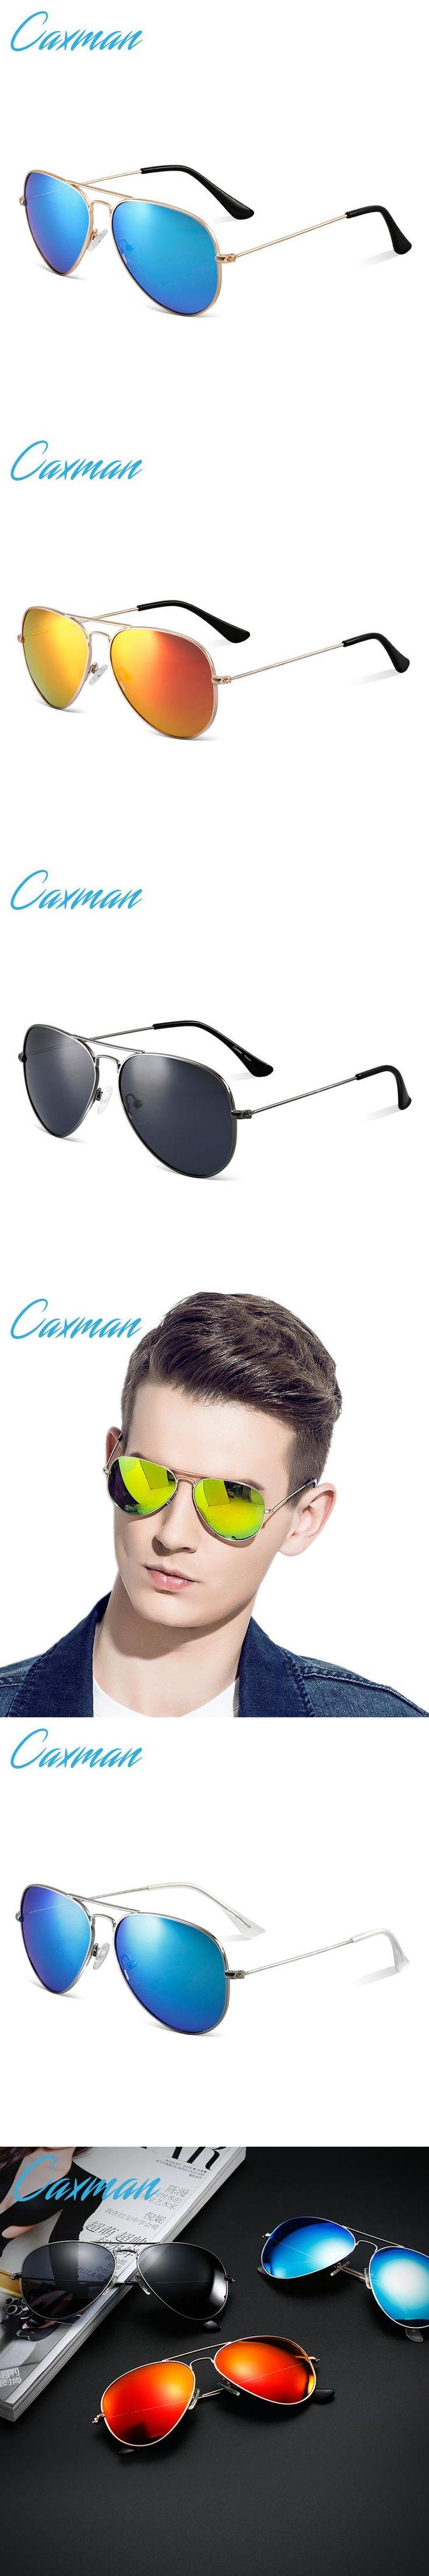 aviator men sunglasses polarized oculos de sol masculino mirror sunglasses 2017 vintage retro sun glasses for men